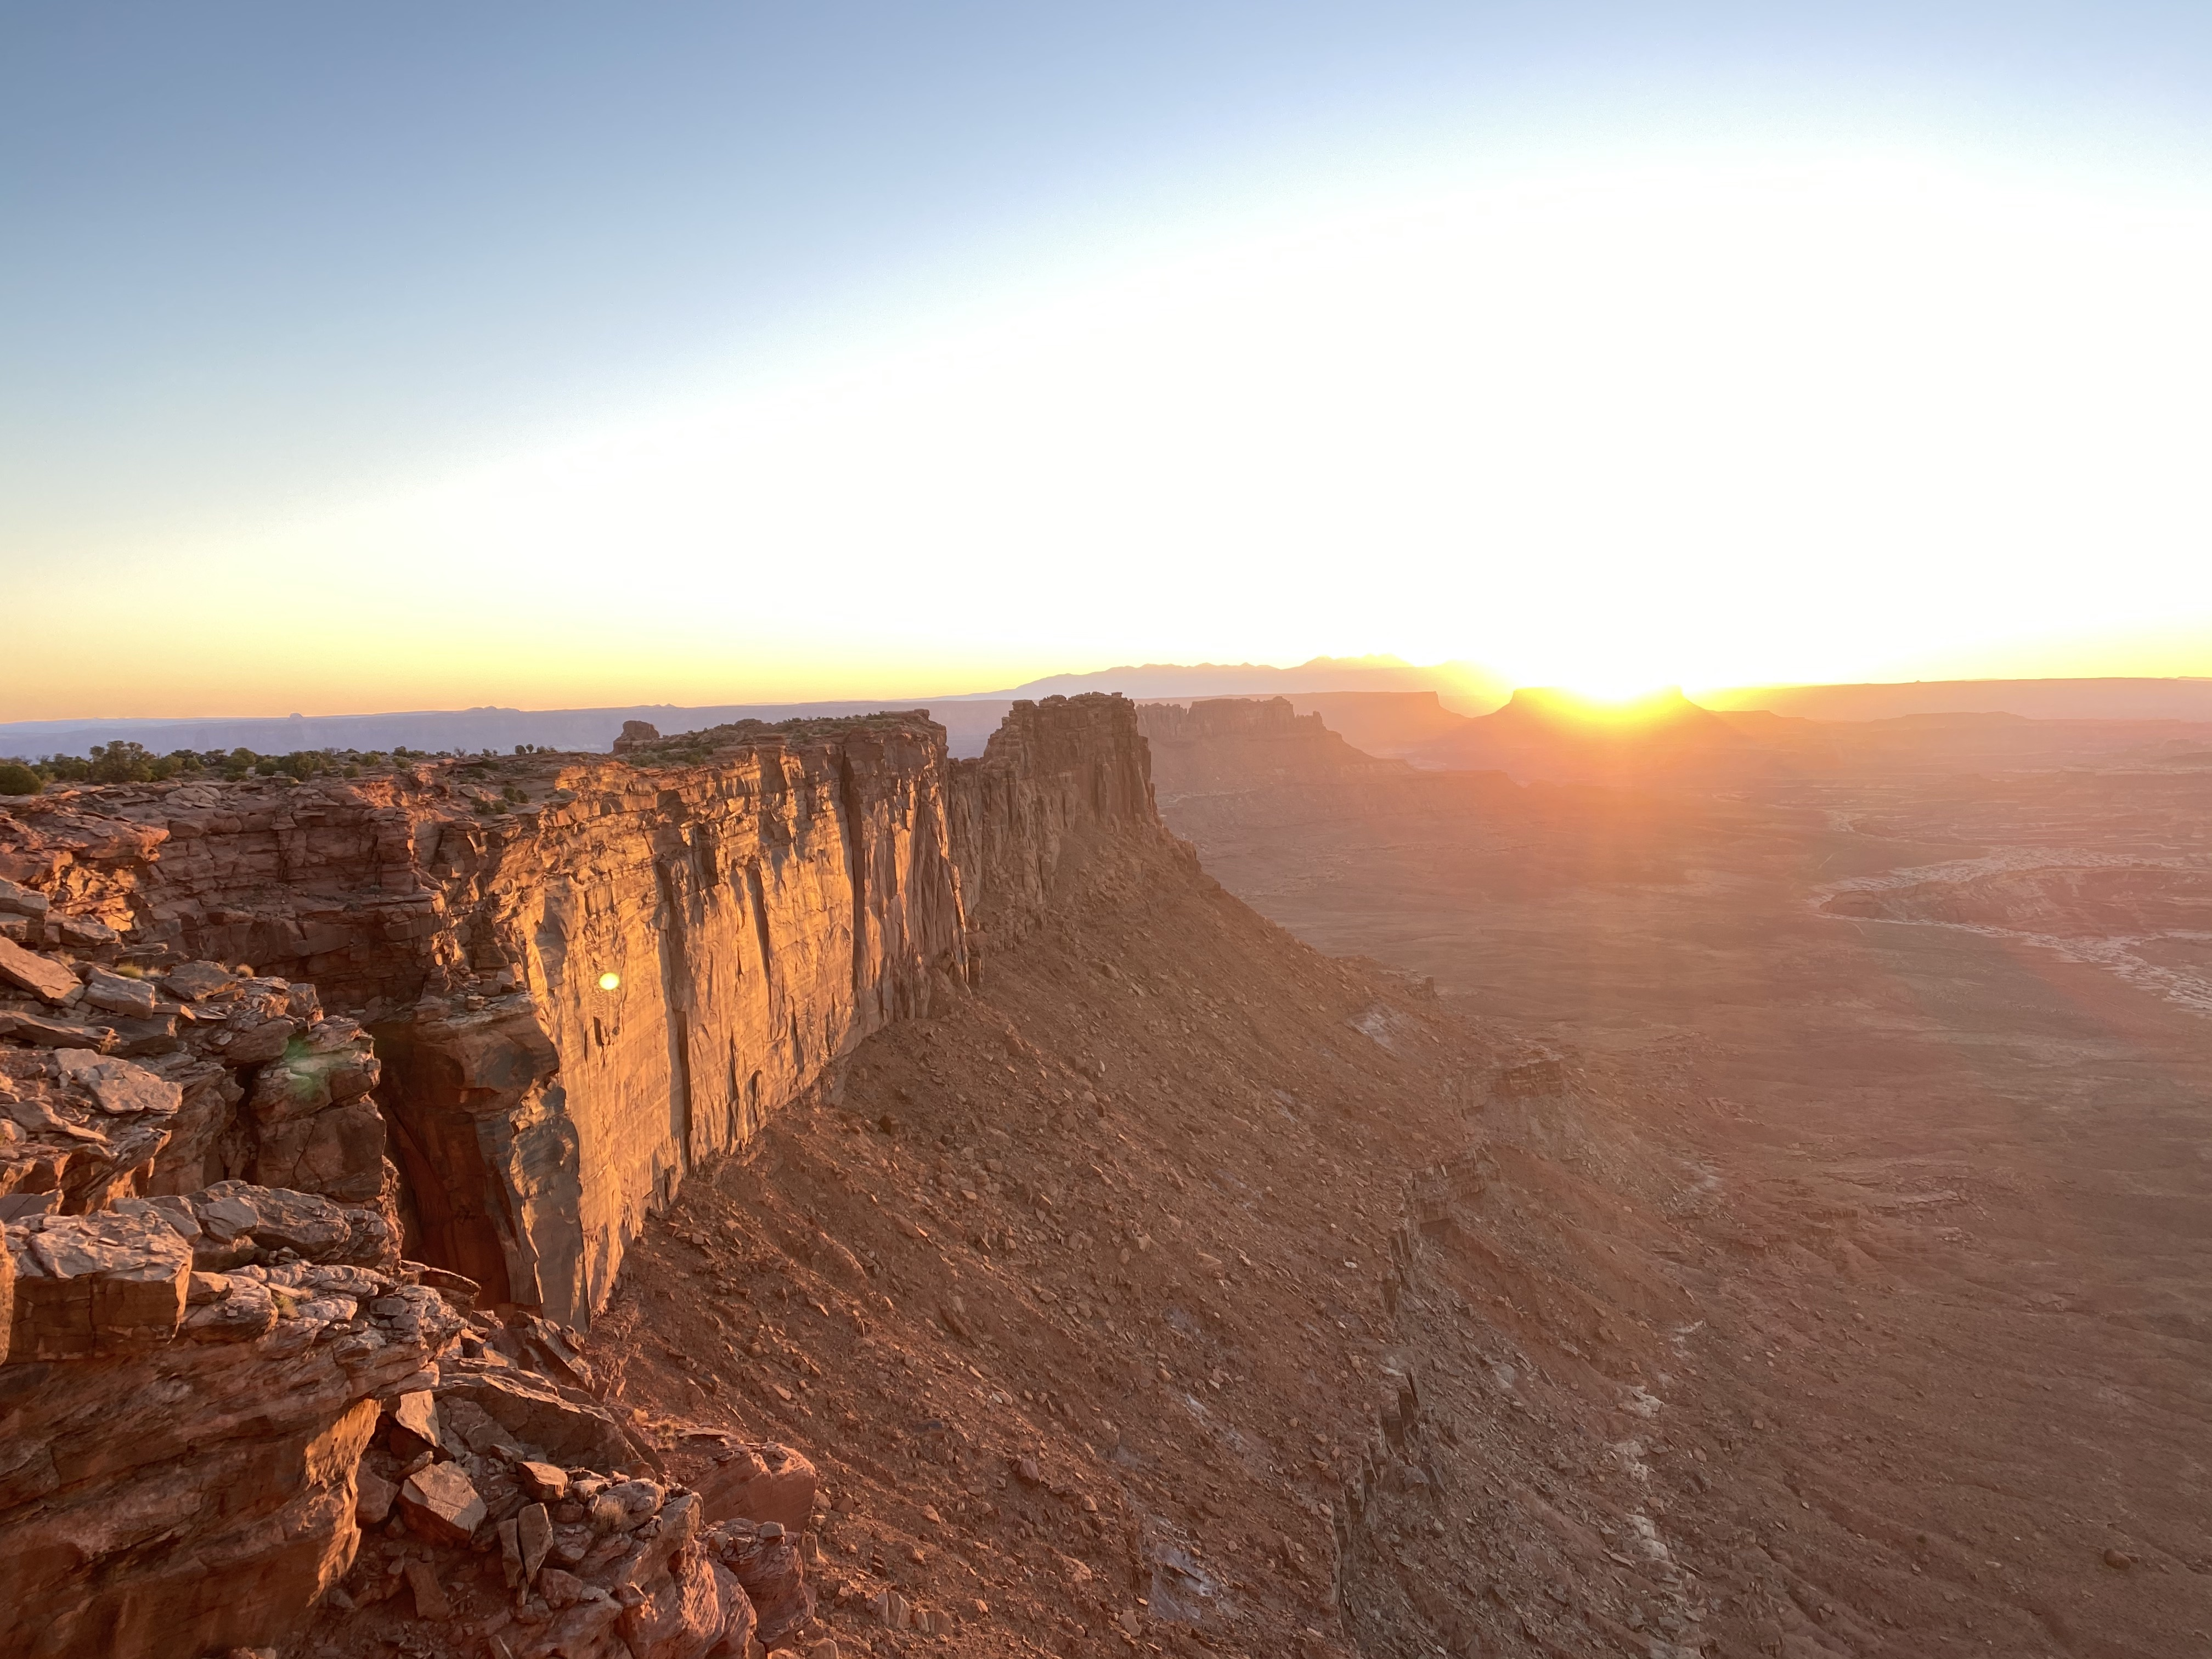 Pano-at--sunrise - 7.jpg